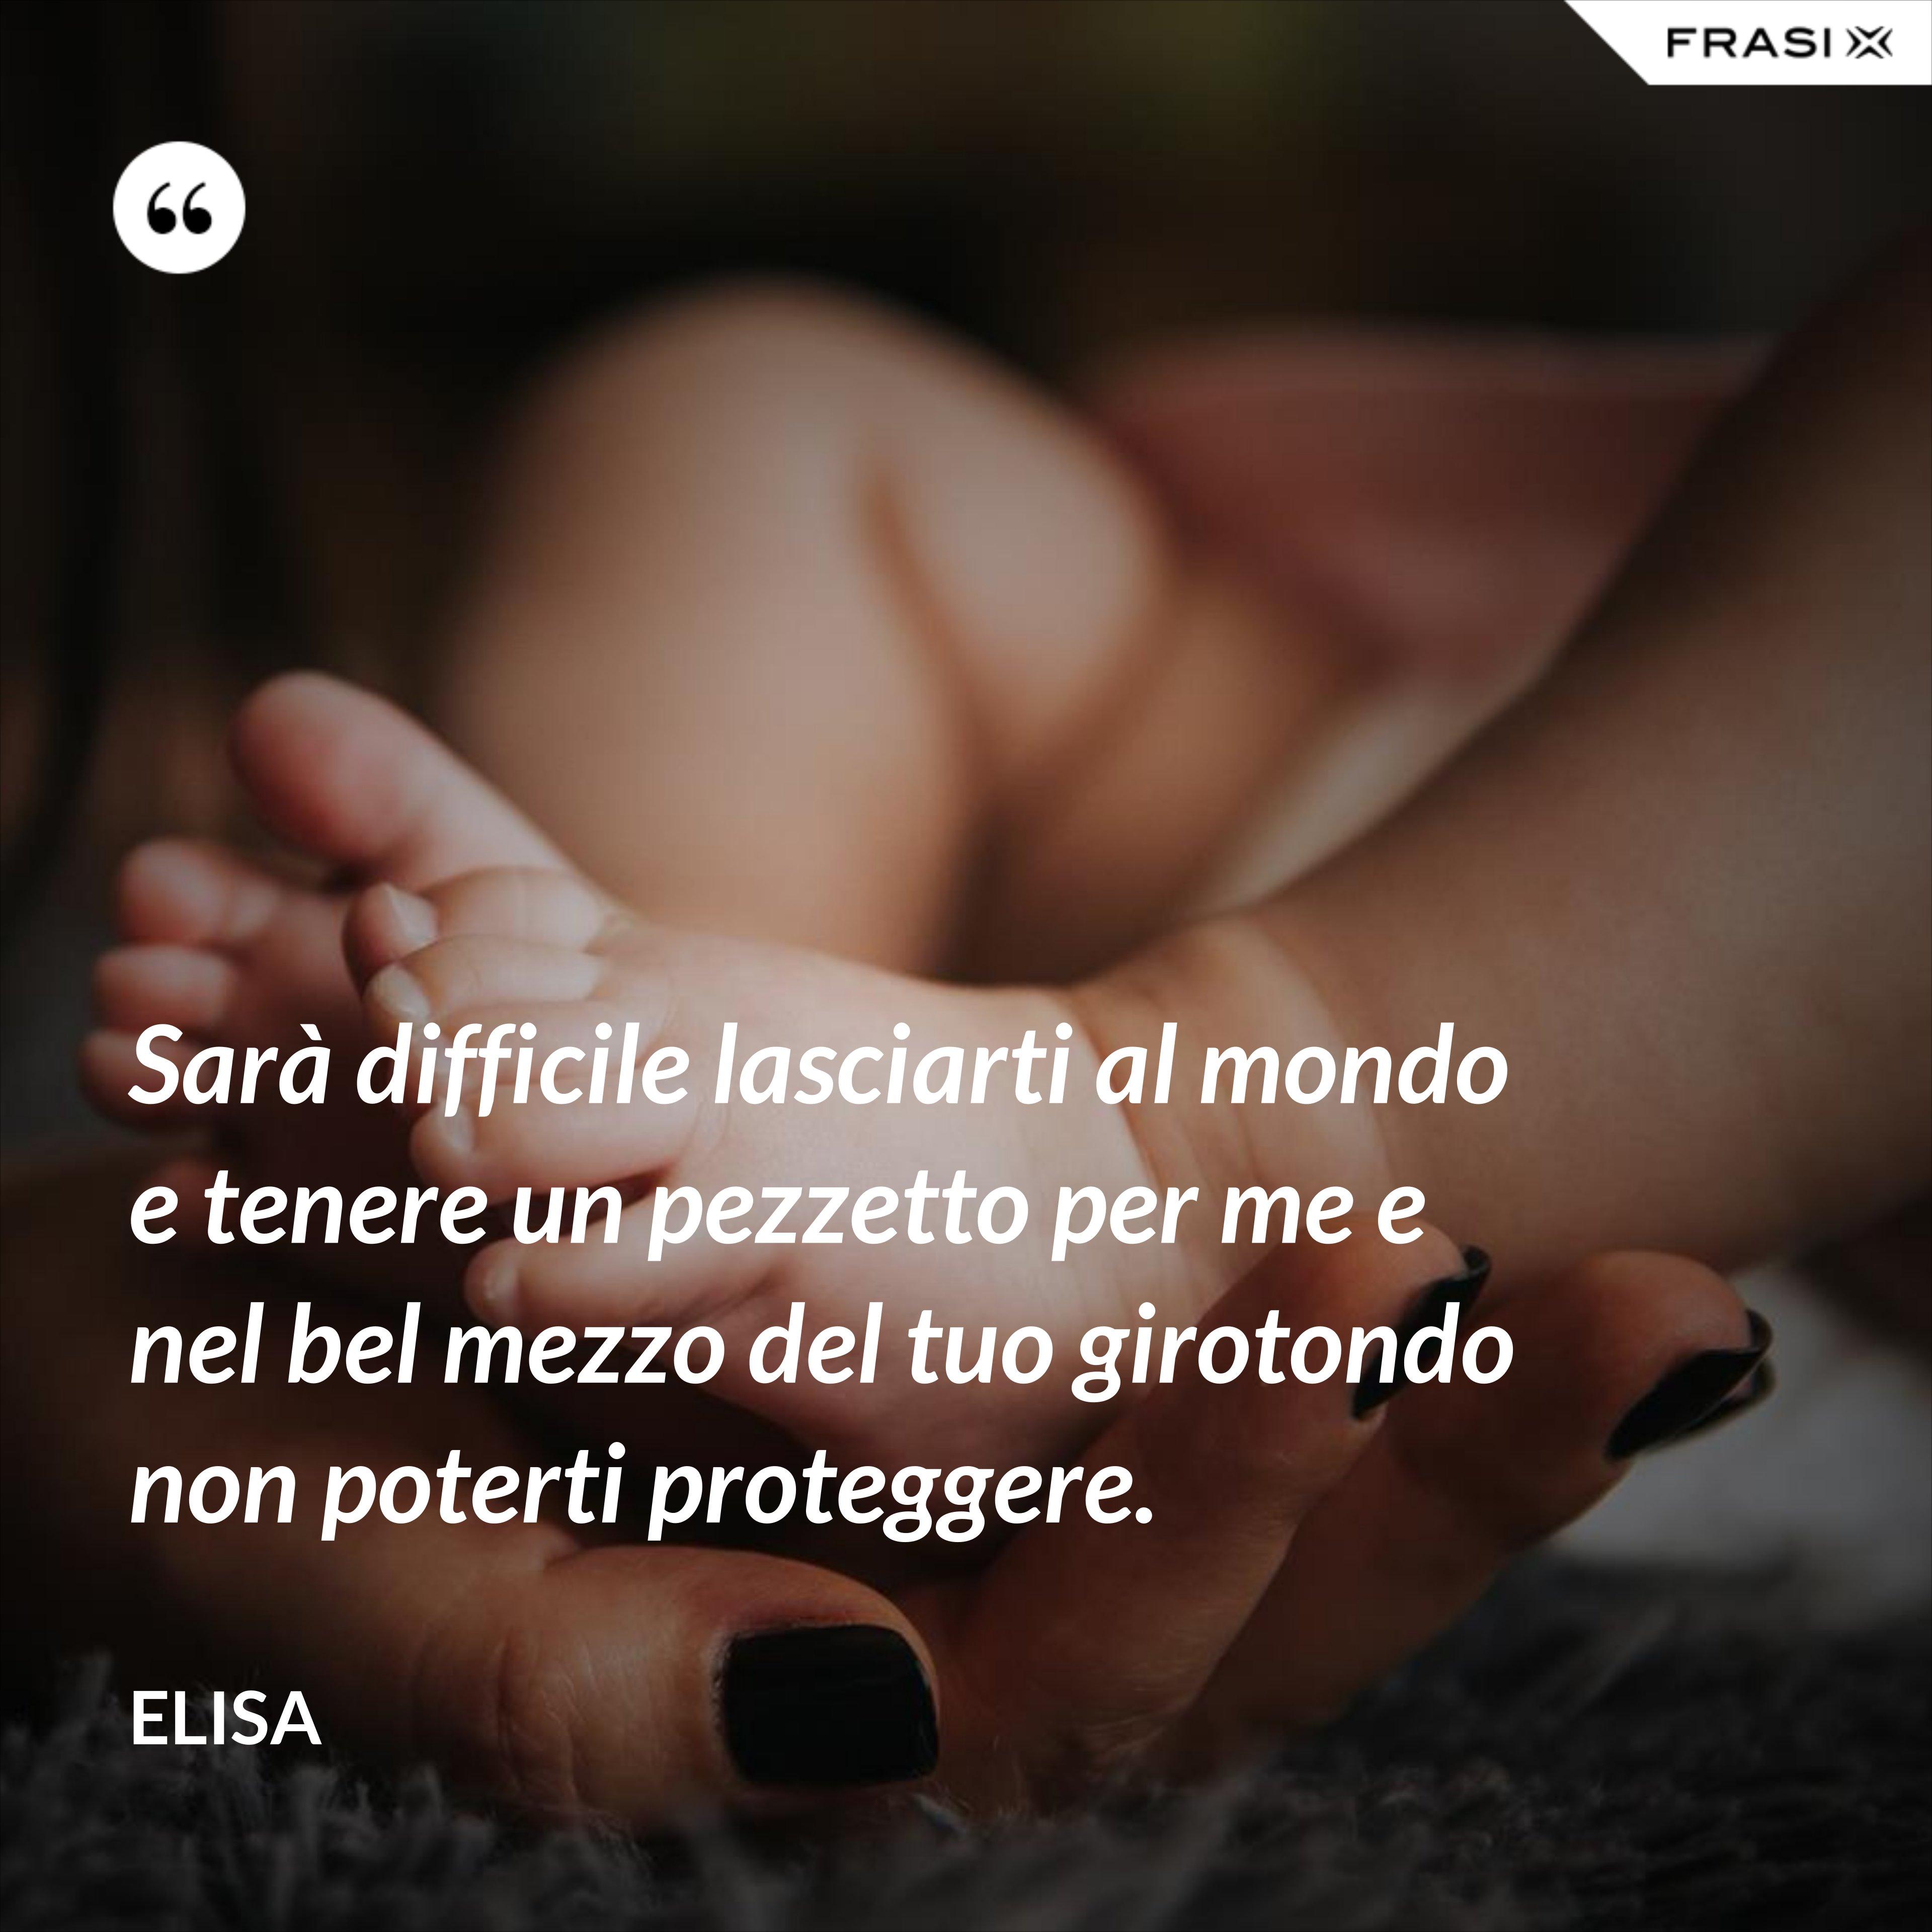 Sarà difficile lasciarti al mondo e tenere un pezzetto per me e nel bel mezzo del tuo girotondo non poterti proteggere. - Elisa